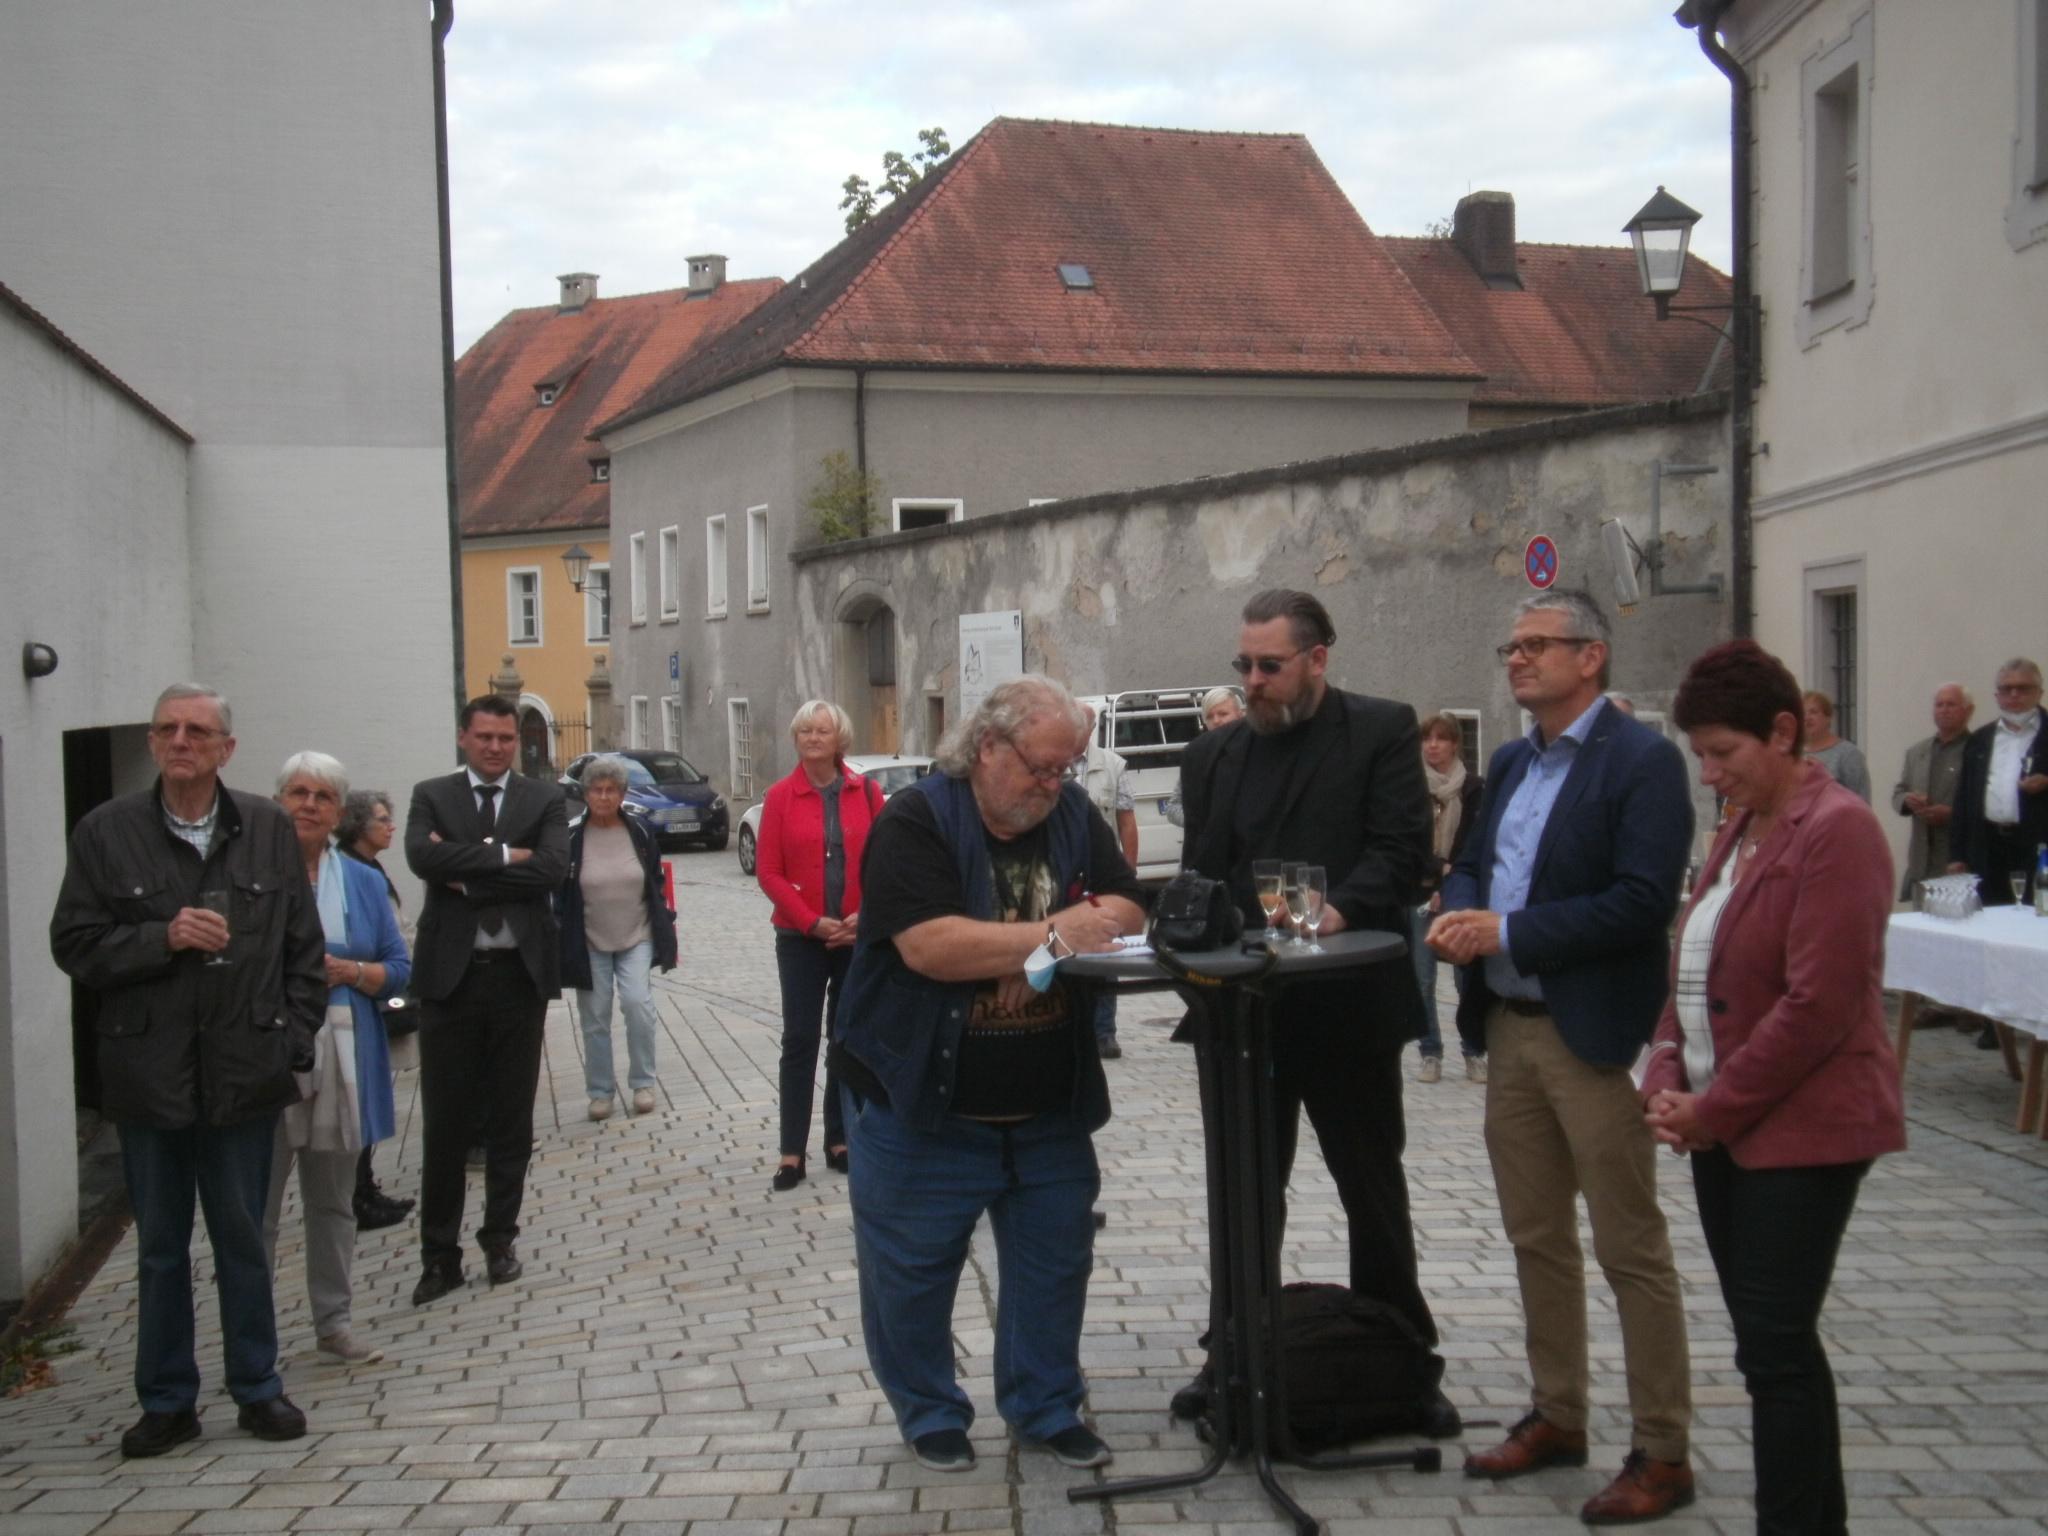 Ehrengäste und Pressevertreter bei der Ausstellungseröffnung vor der Fronfeste.